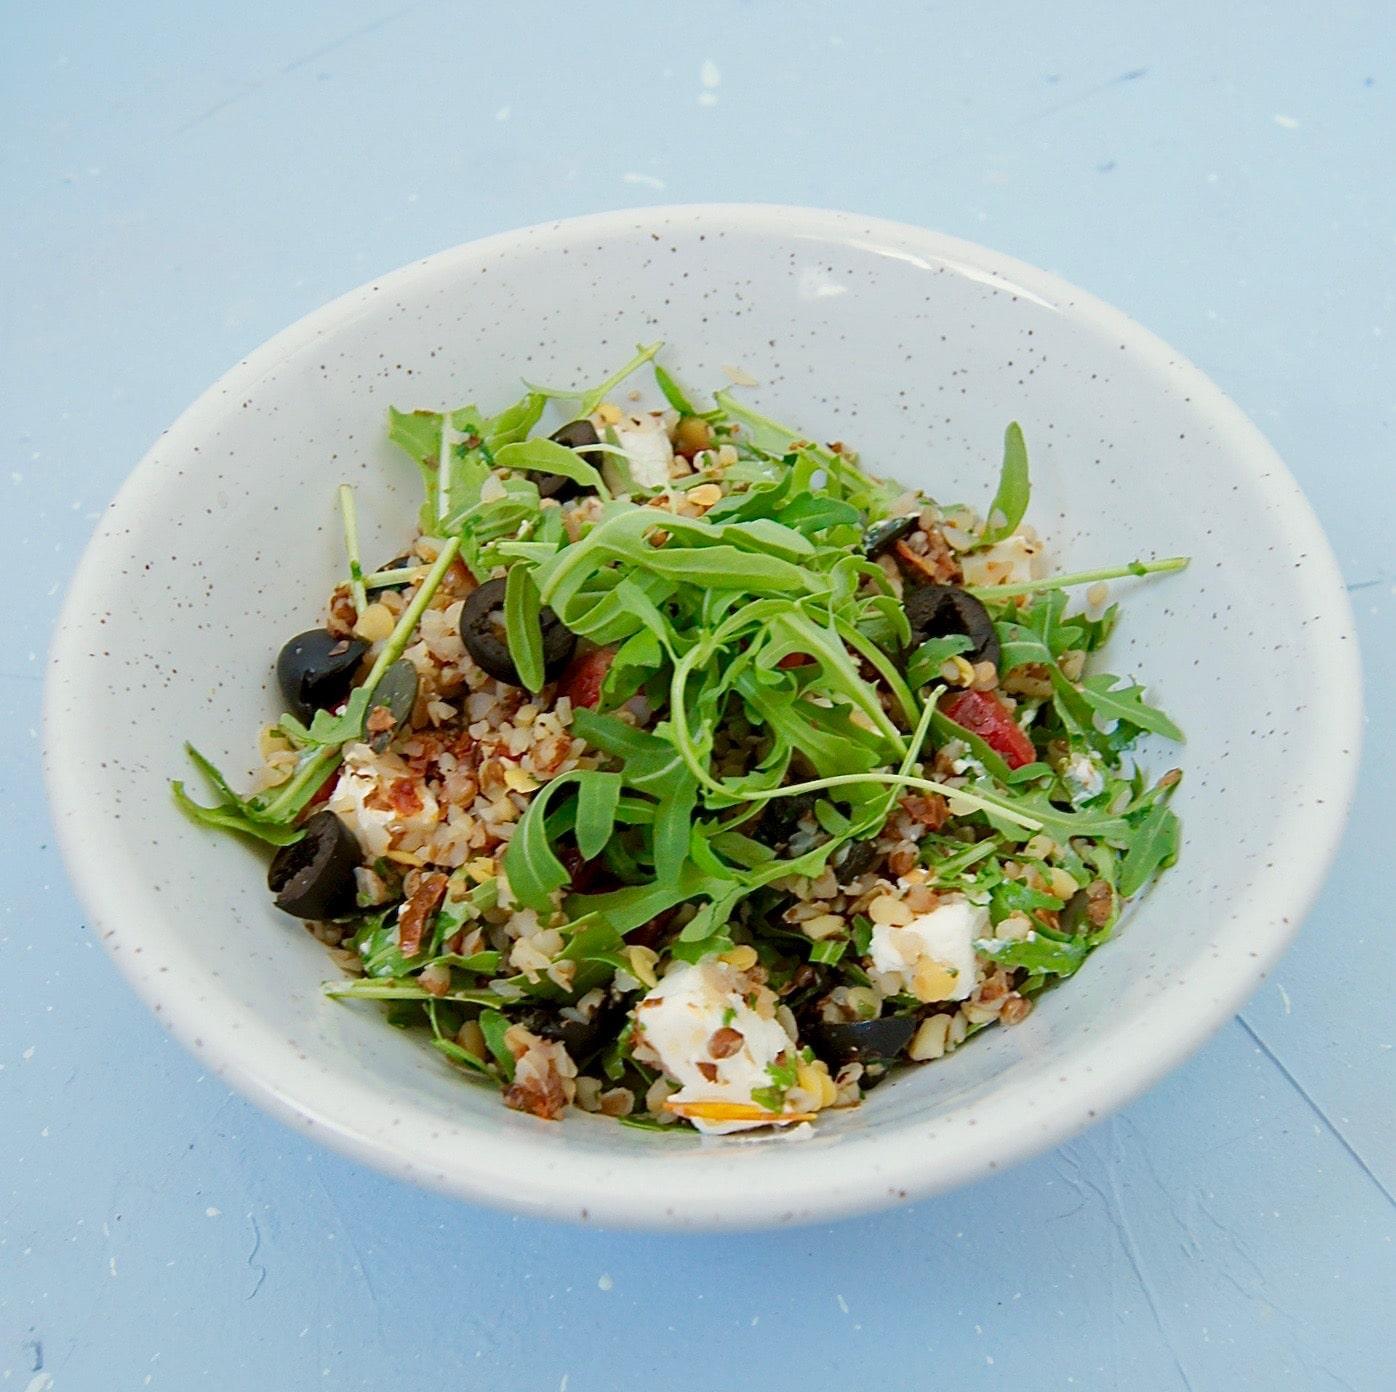 salatka-z-kasza-gryczana-lunch